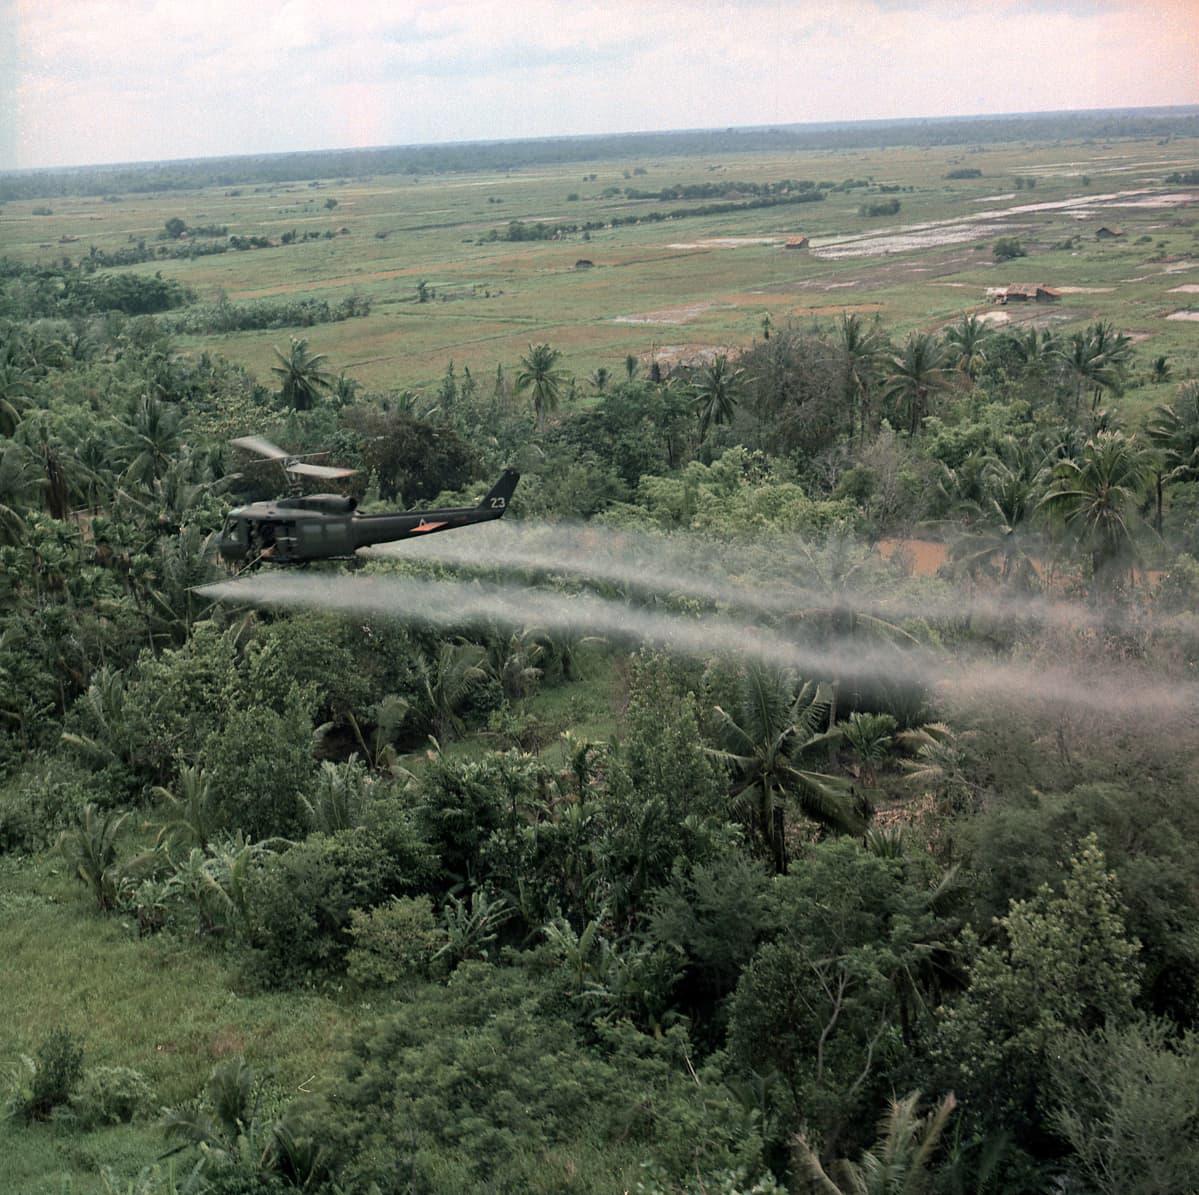 Yhdysvaltalaiskone laskee kasvimyrkkyä viidakkoon Vietnamin sodassa